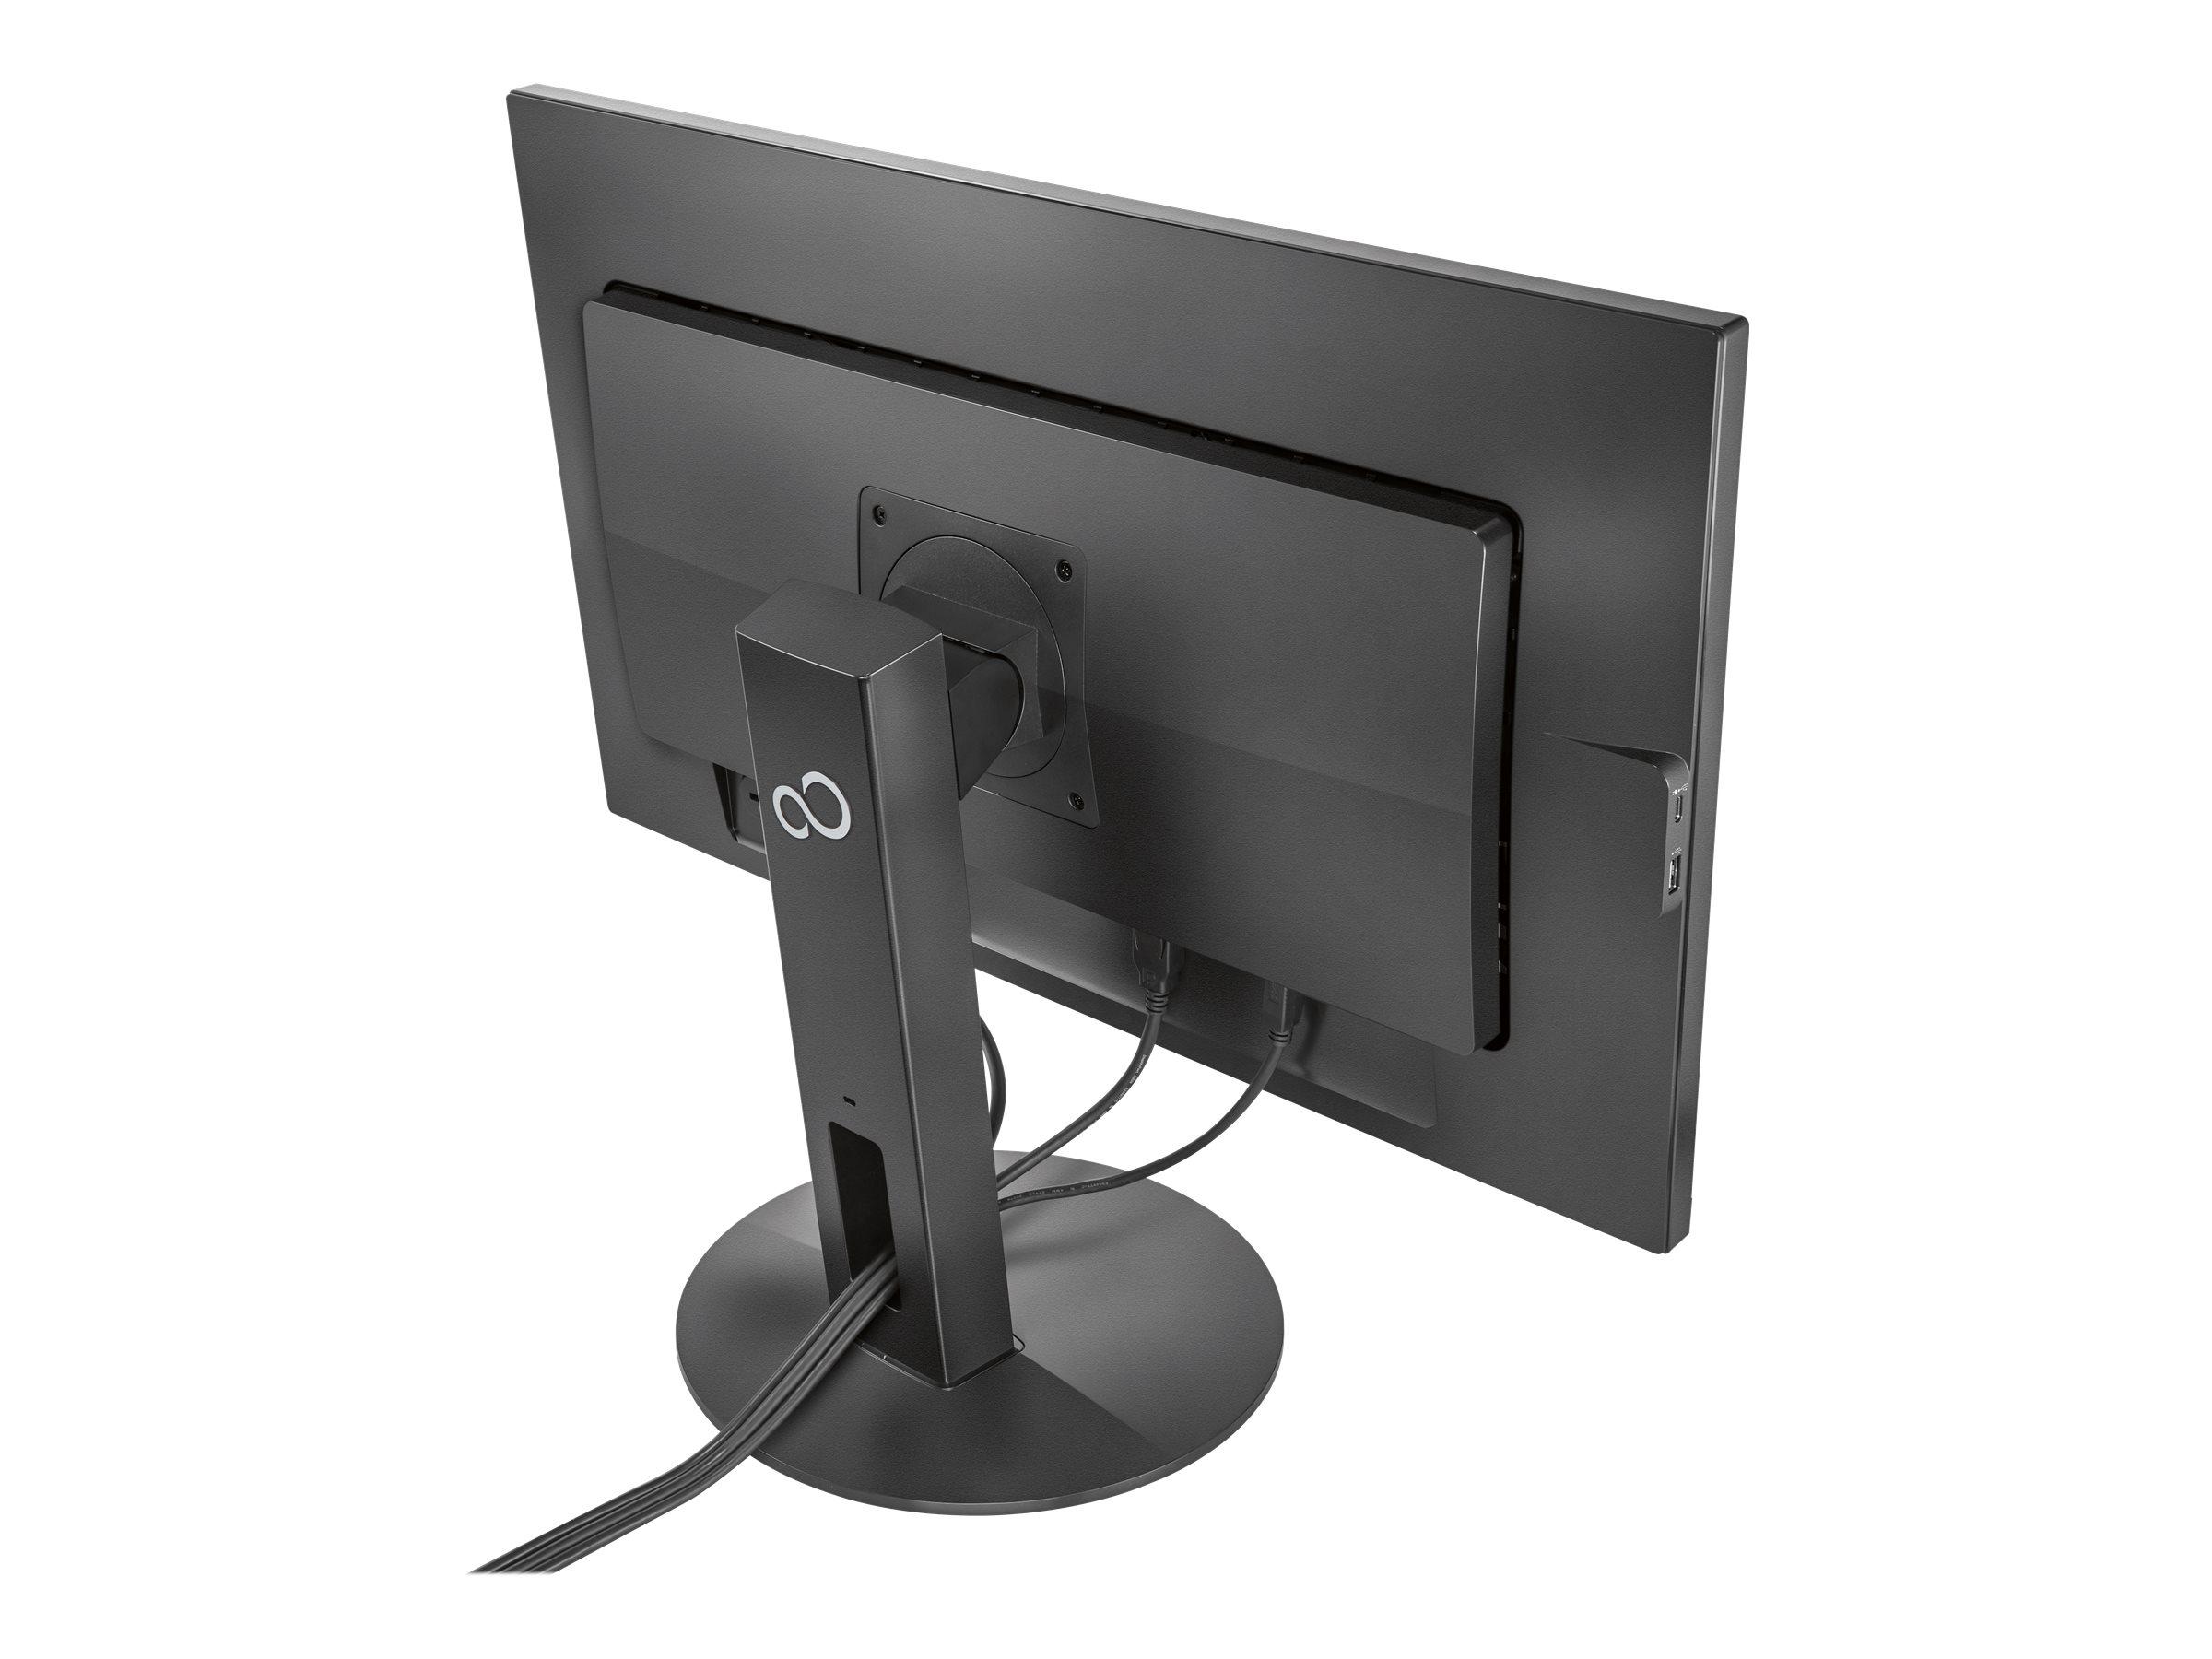 """Fujitsu B27-9 TS FHD - Business Line - LED-Monitor - 68.6 cm (27"""")"""